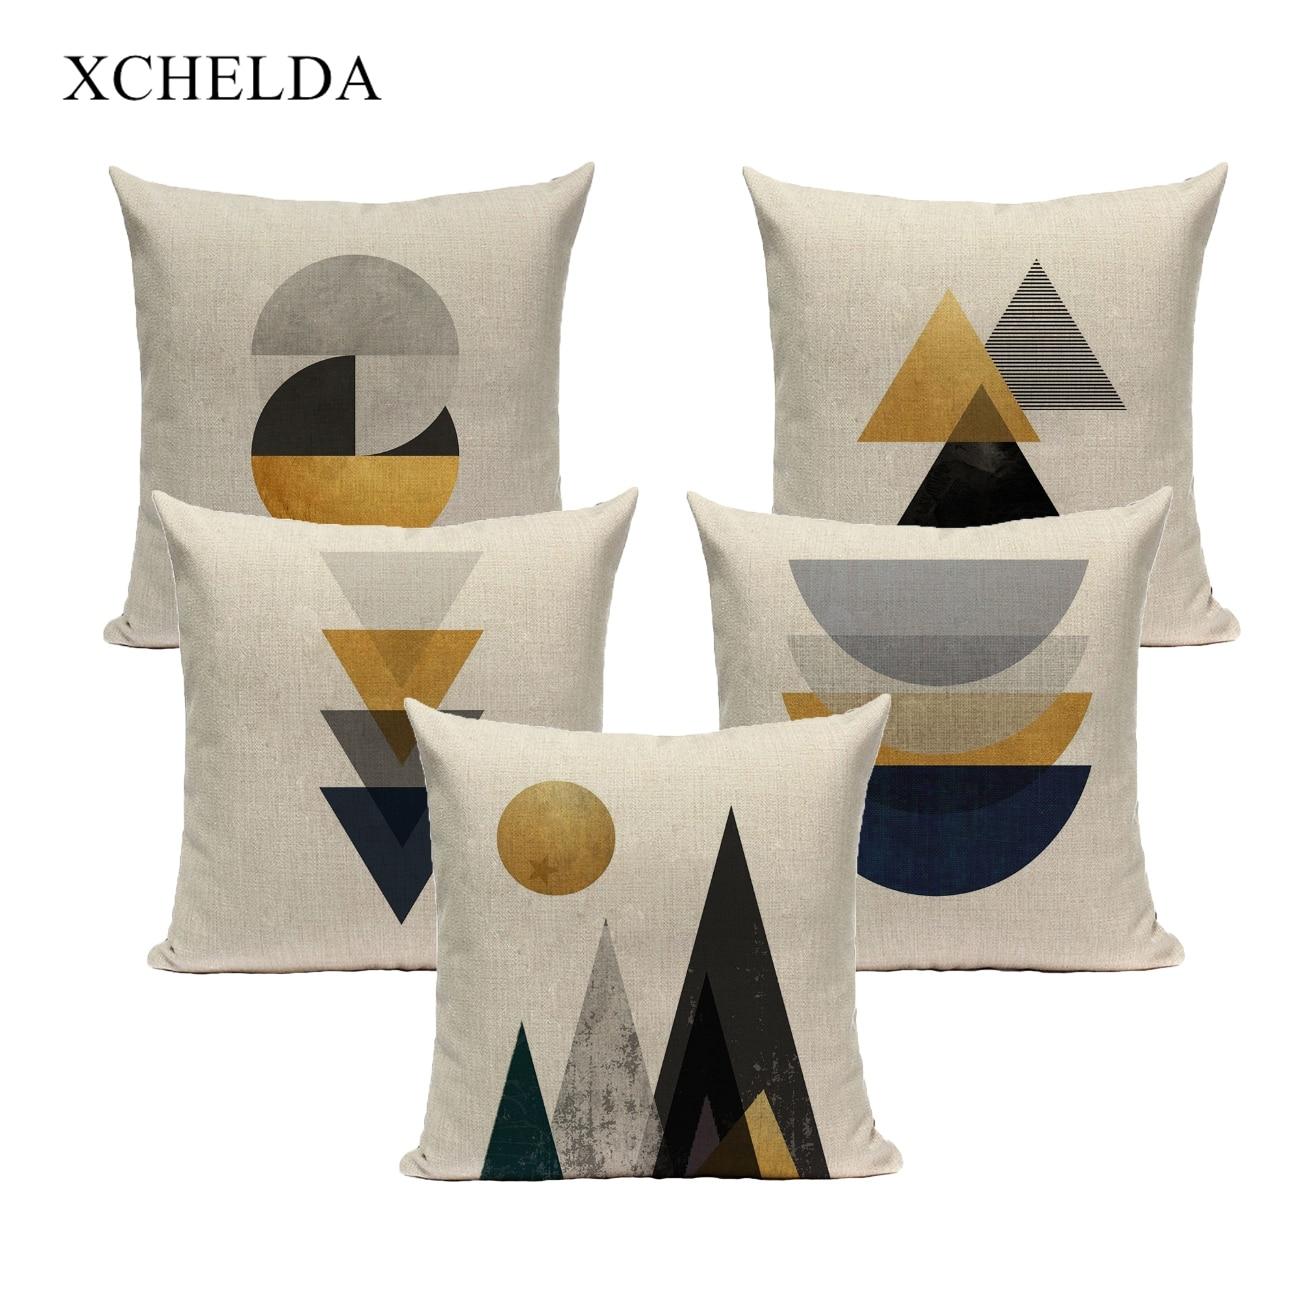 Funda de cojín de lino, funda de cojín, 45x45, 40x40, decoración geométrica nórdica para el hogar, funda de almohada para sofá cama, funda decorativa